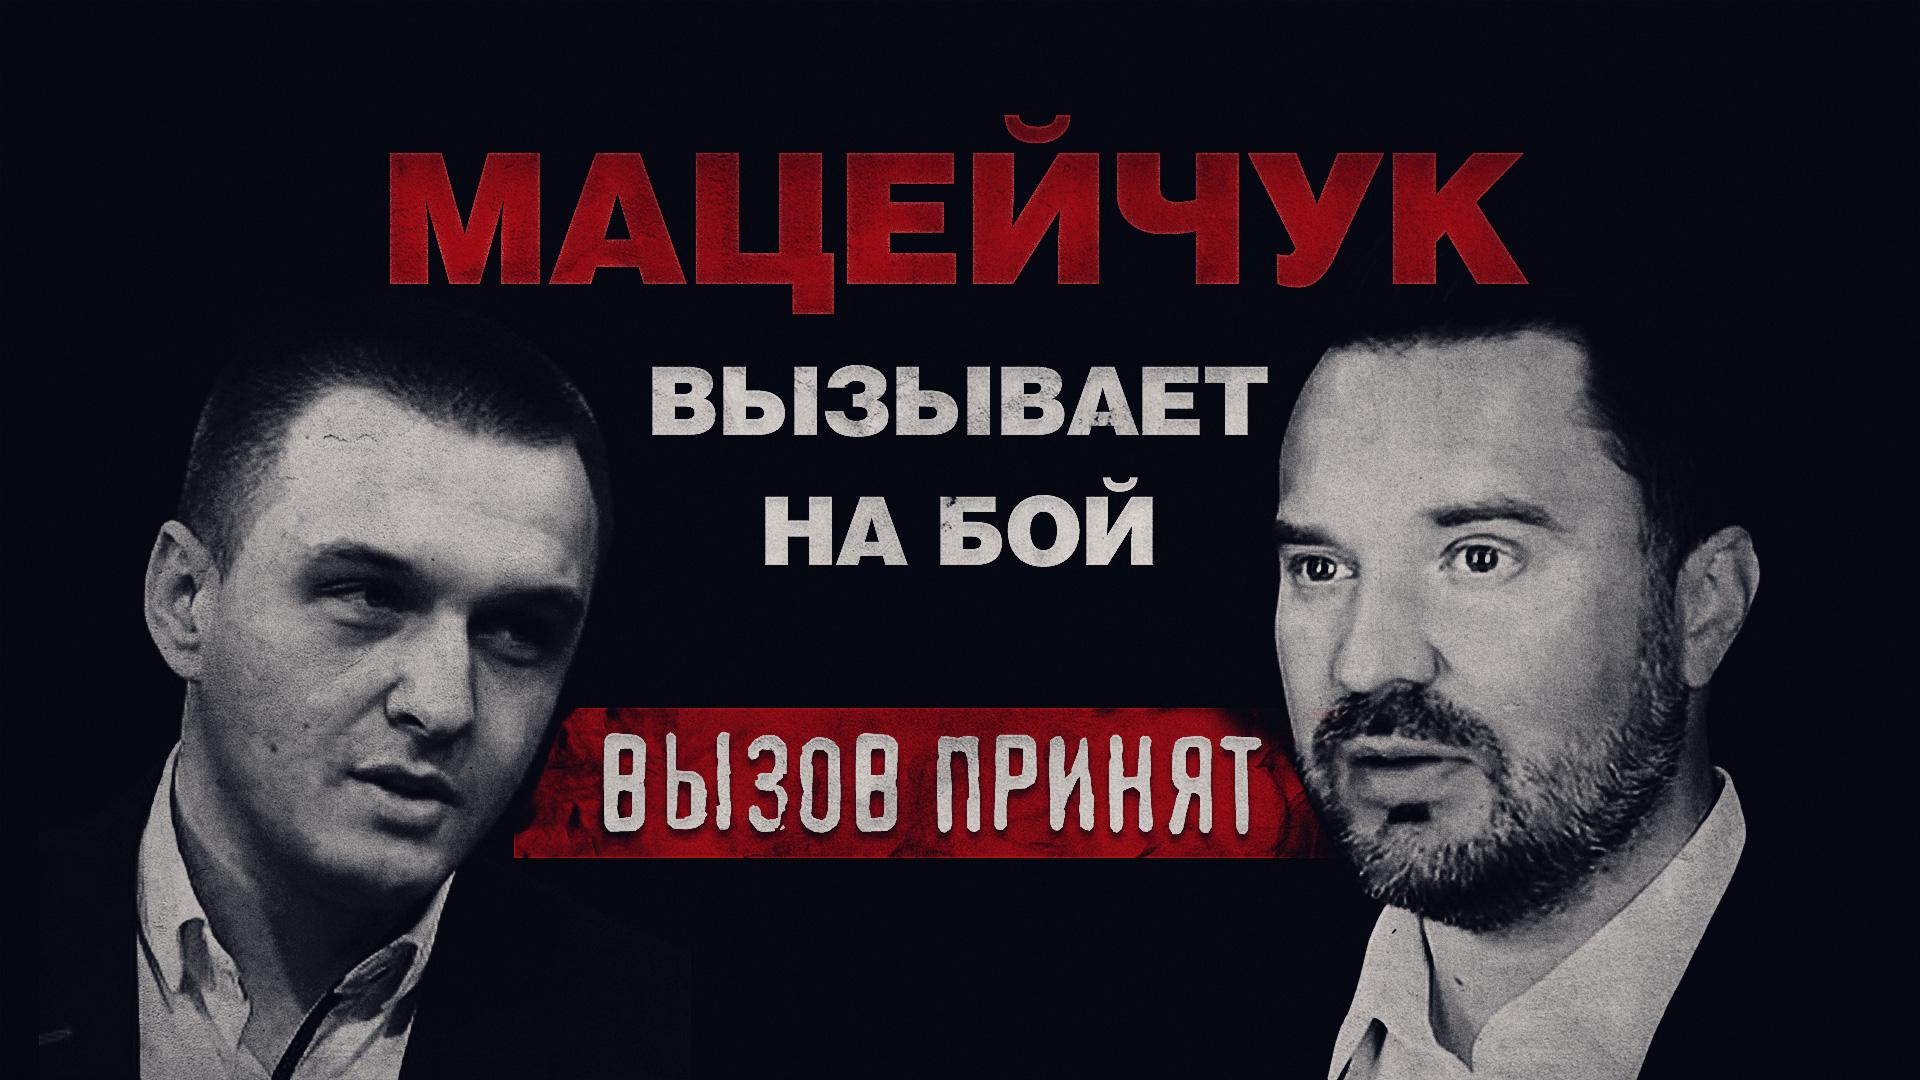 Мацейчук вызывает на бой. Вызов принят.